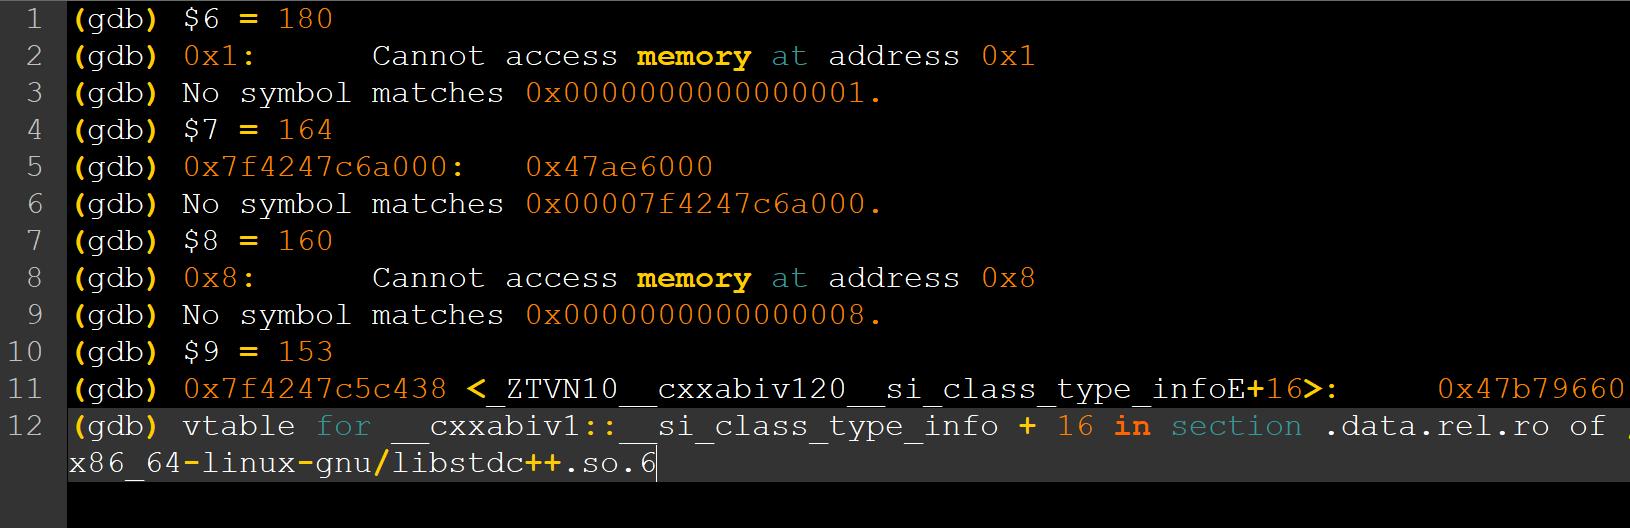 Topleaked для анализа утечек памяти